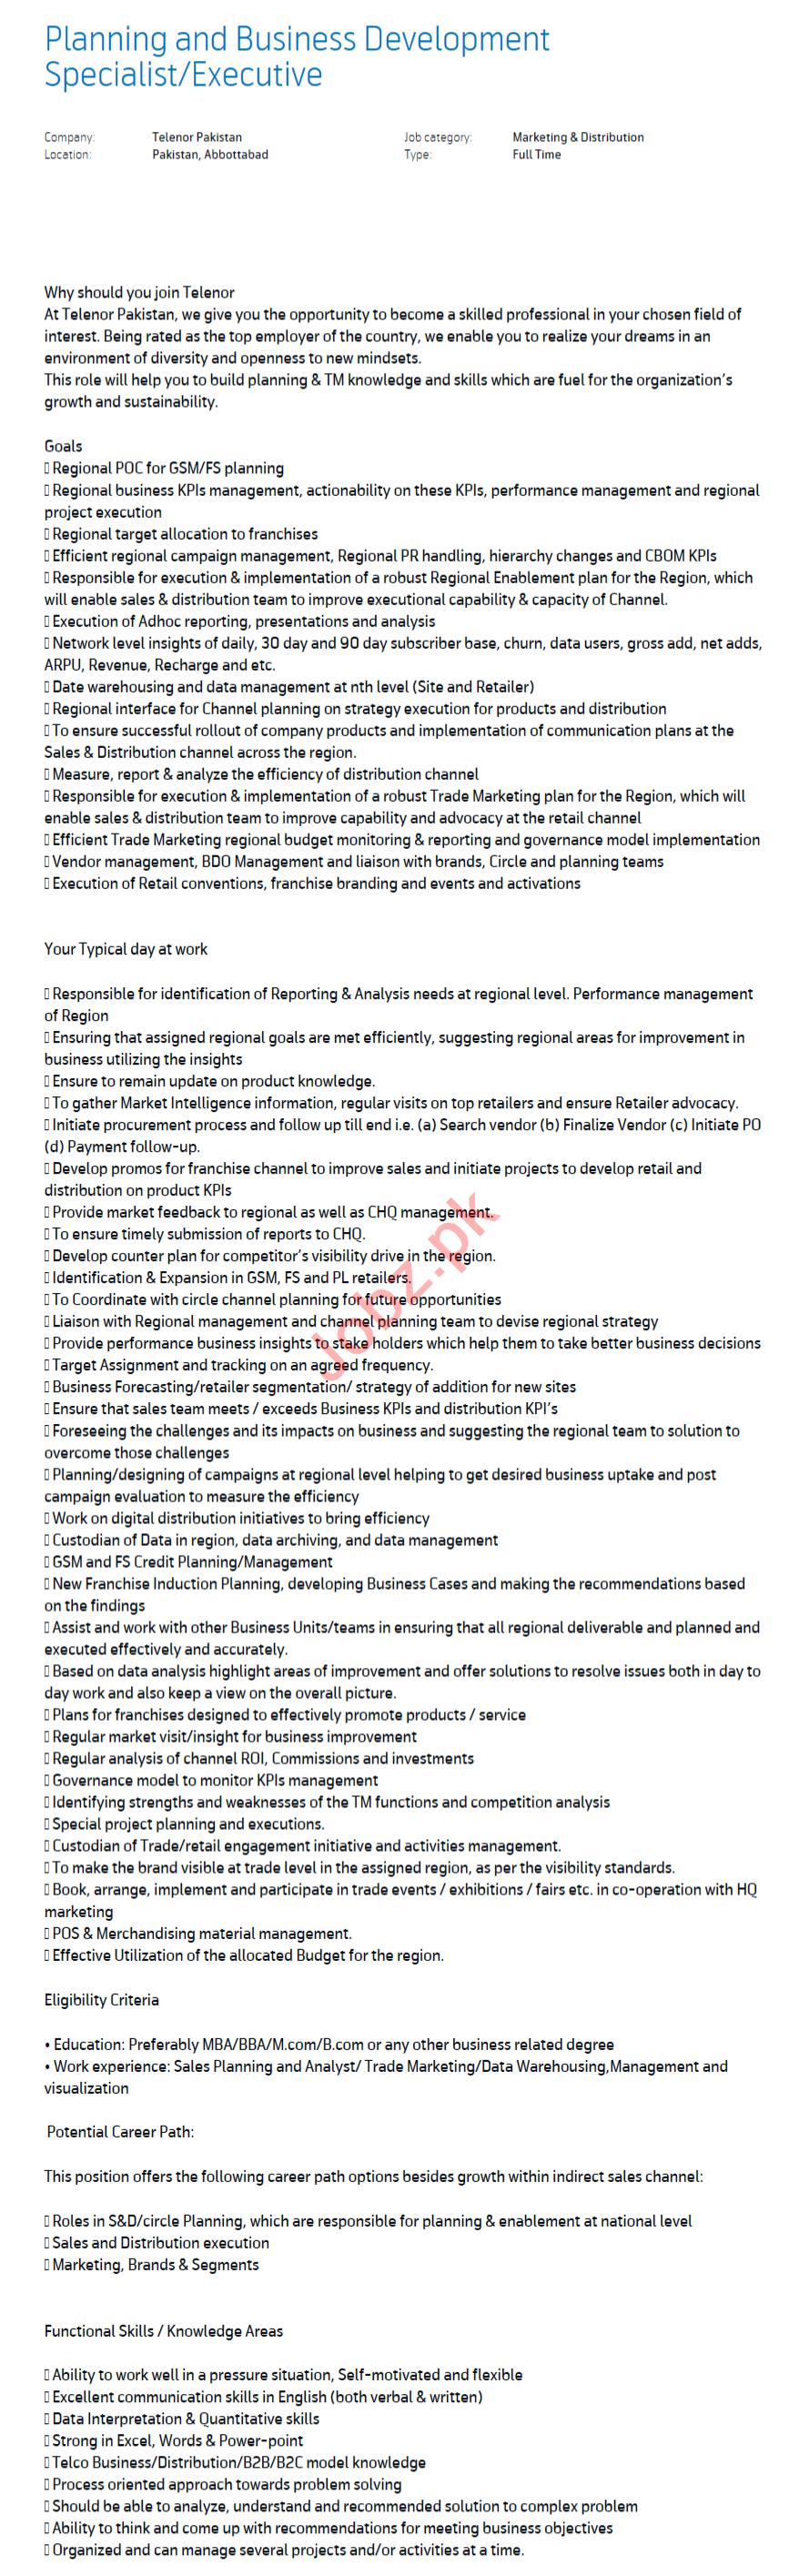 Planning & Business Development Executive Jobs 2020